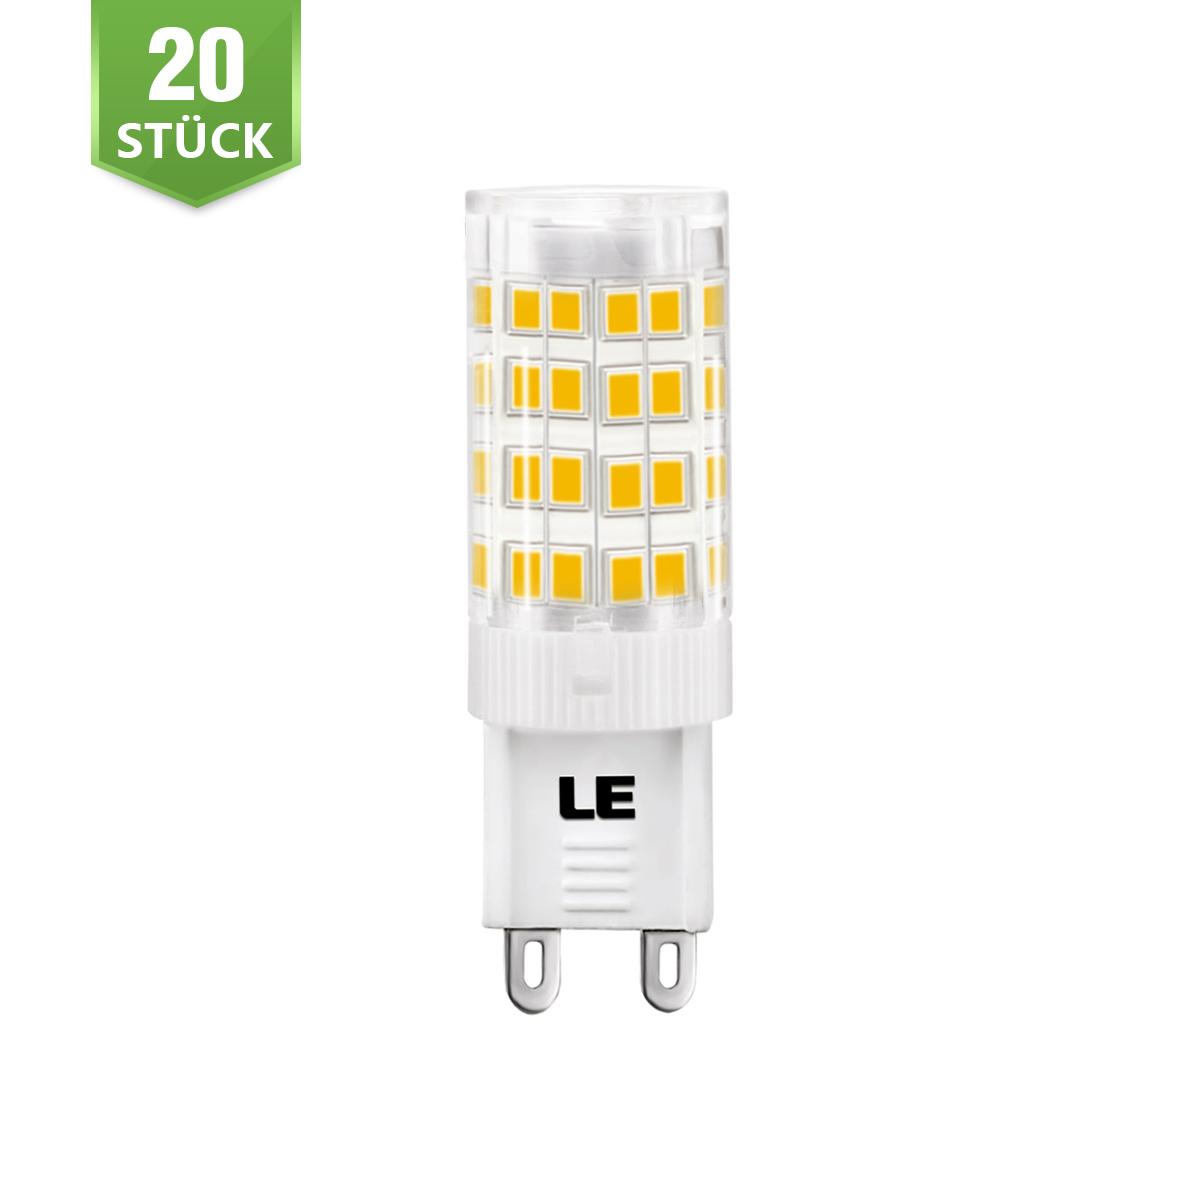 [Bündel] 5W G9 LED Maiskolben, 340lm Maisbirne, 360° Beleuchtung, Ersatz für 50W Halogenbirne, Warmweiß, 20er Set